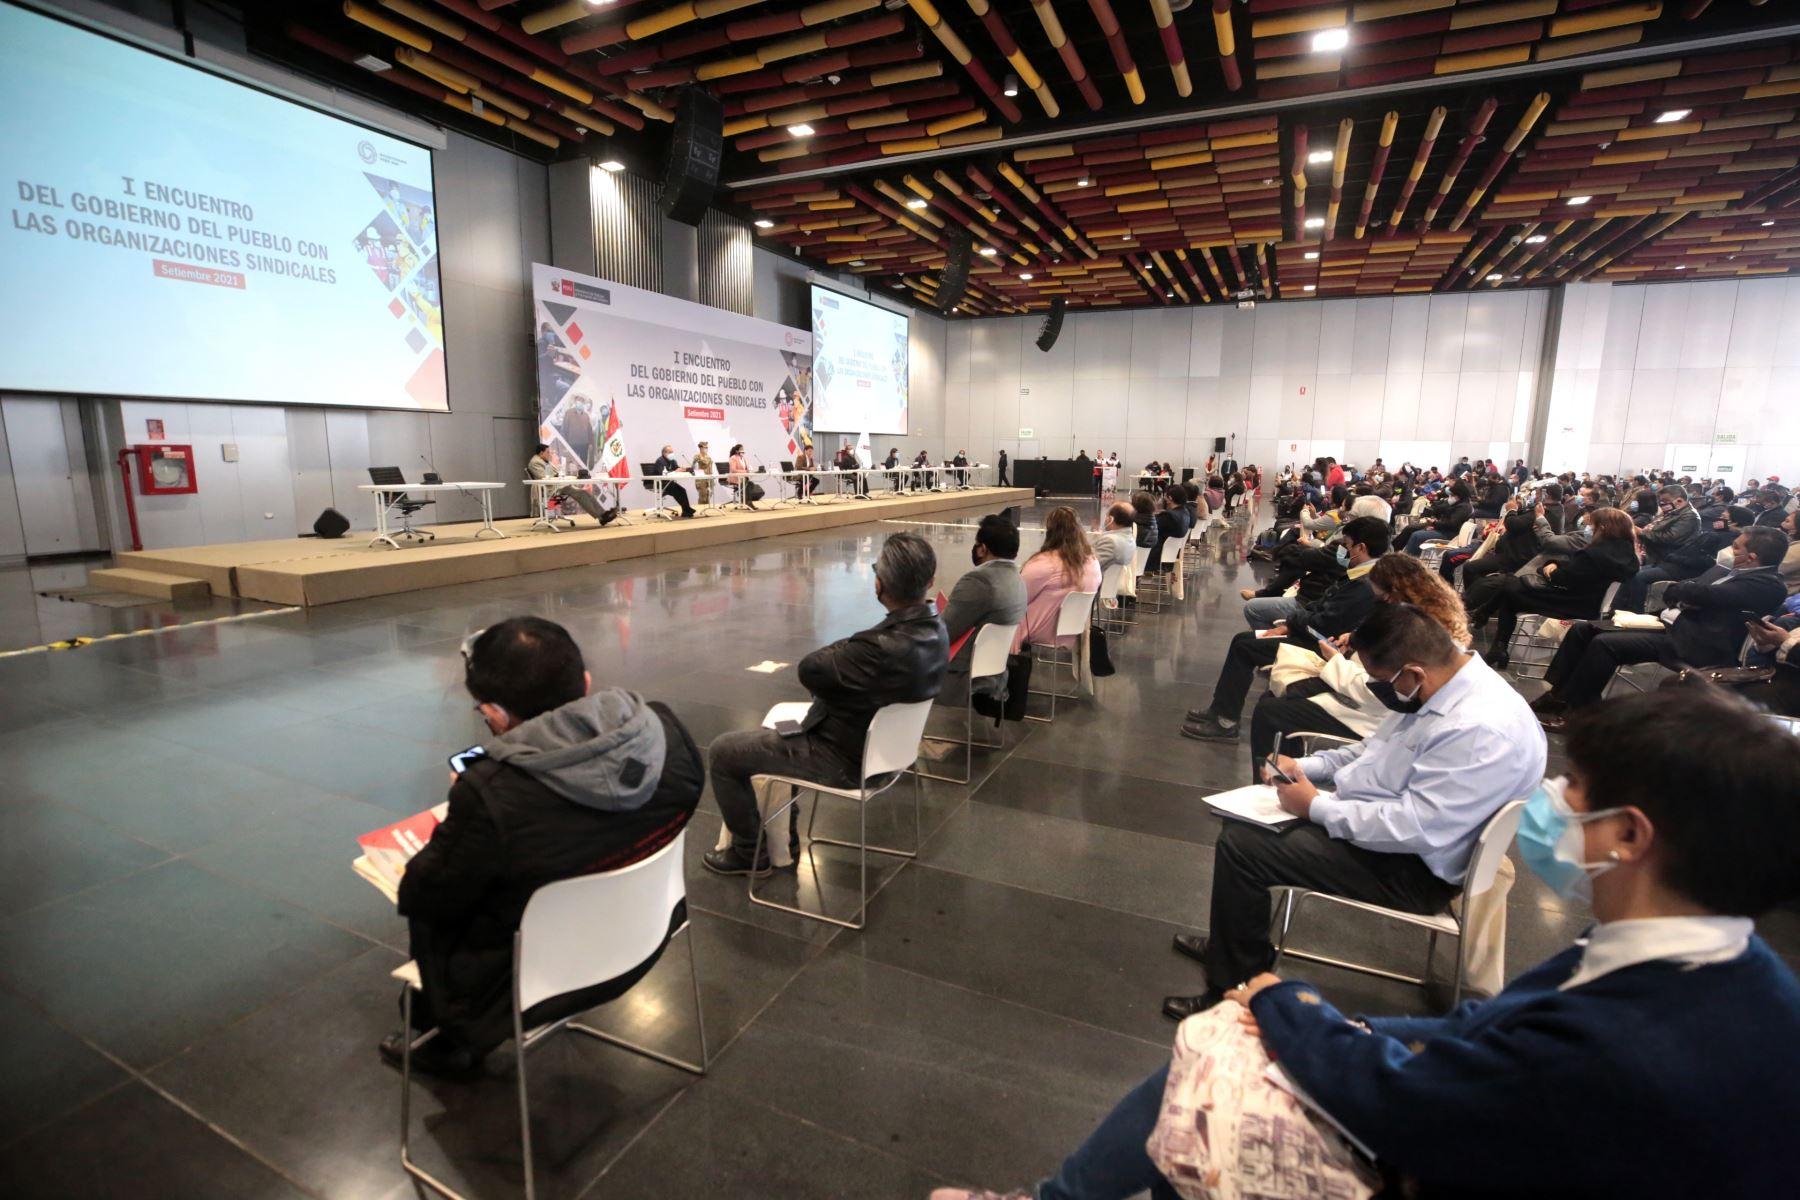 """El Presidente del Consejo de Ministros, Guido Bellido, participa de la apertura del Primer Encuentro del Gobierno del Pueblo con las Organizaciones Sindicales"""", organizado por el Ministerio de Trabajo y Promoción del Empleo de Perú (MTPE). Foto: ANDINA/PCM"""